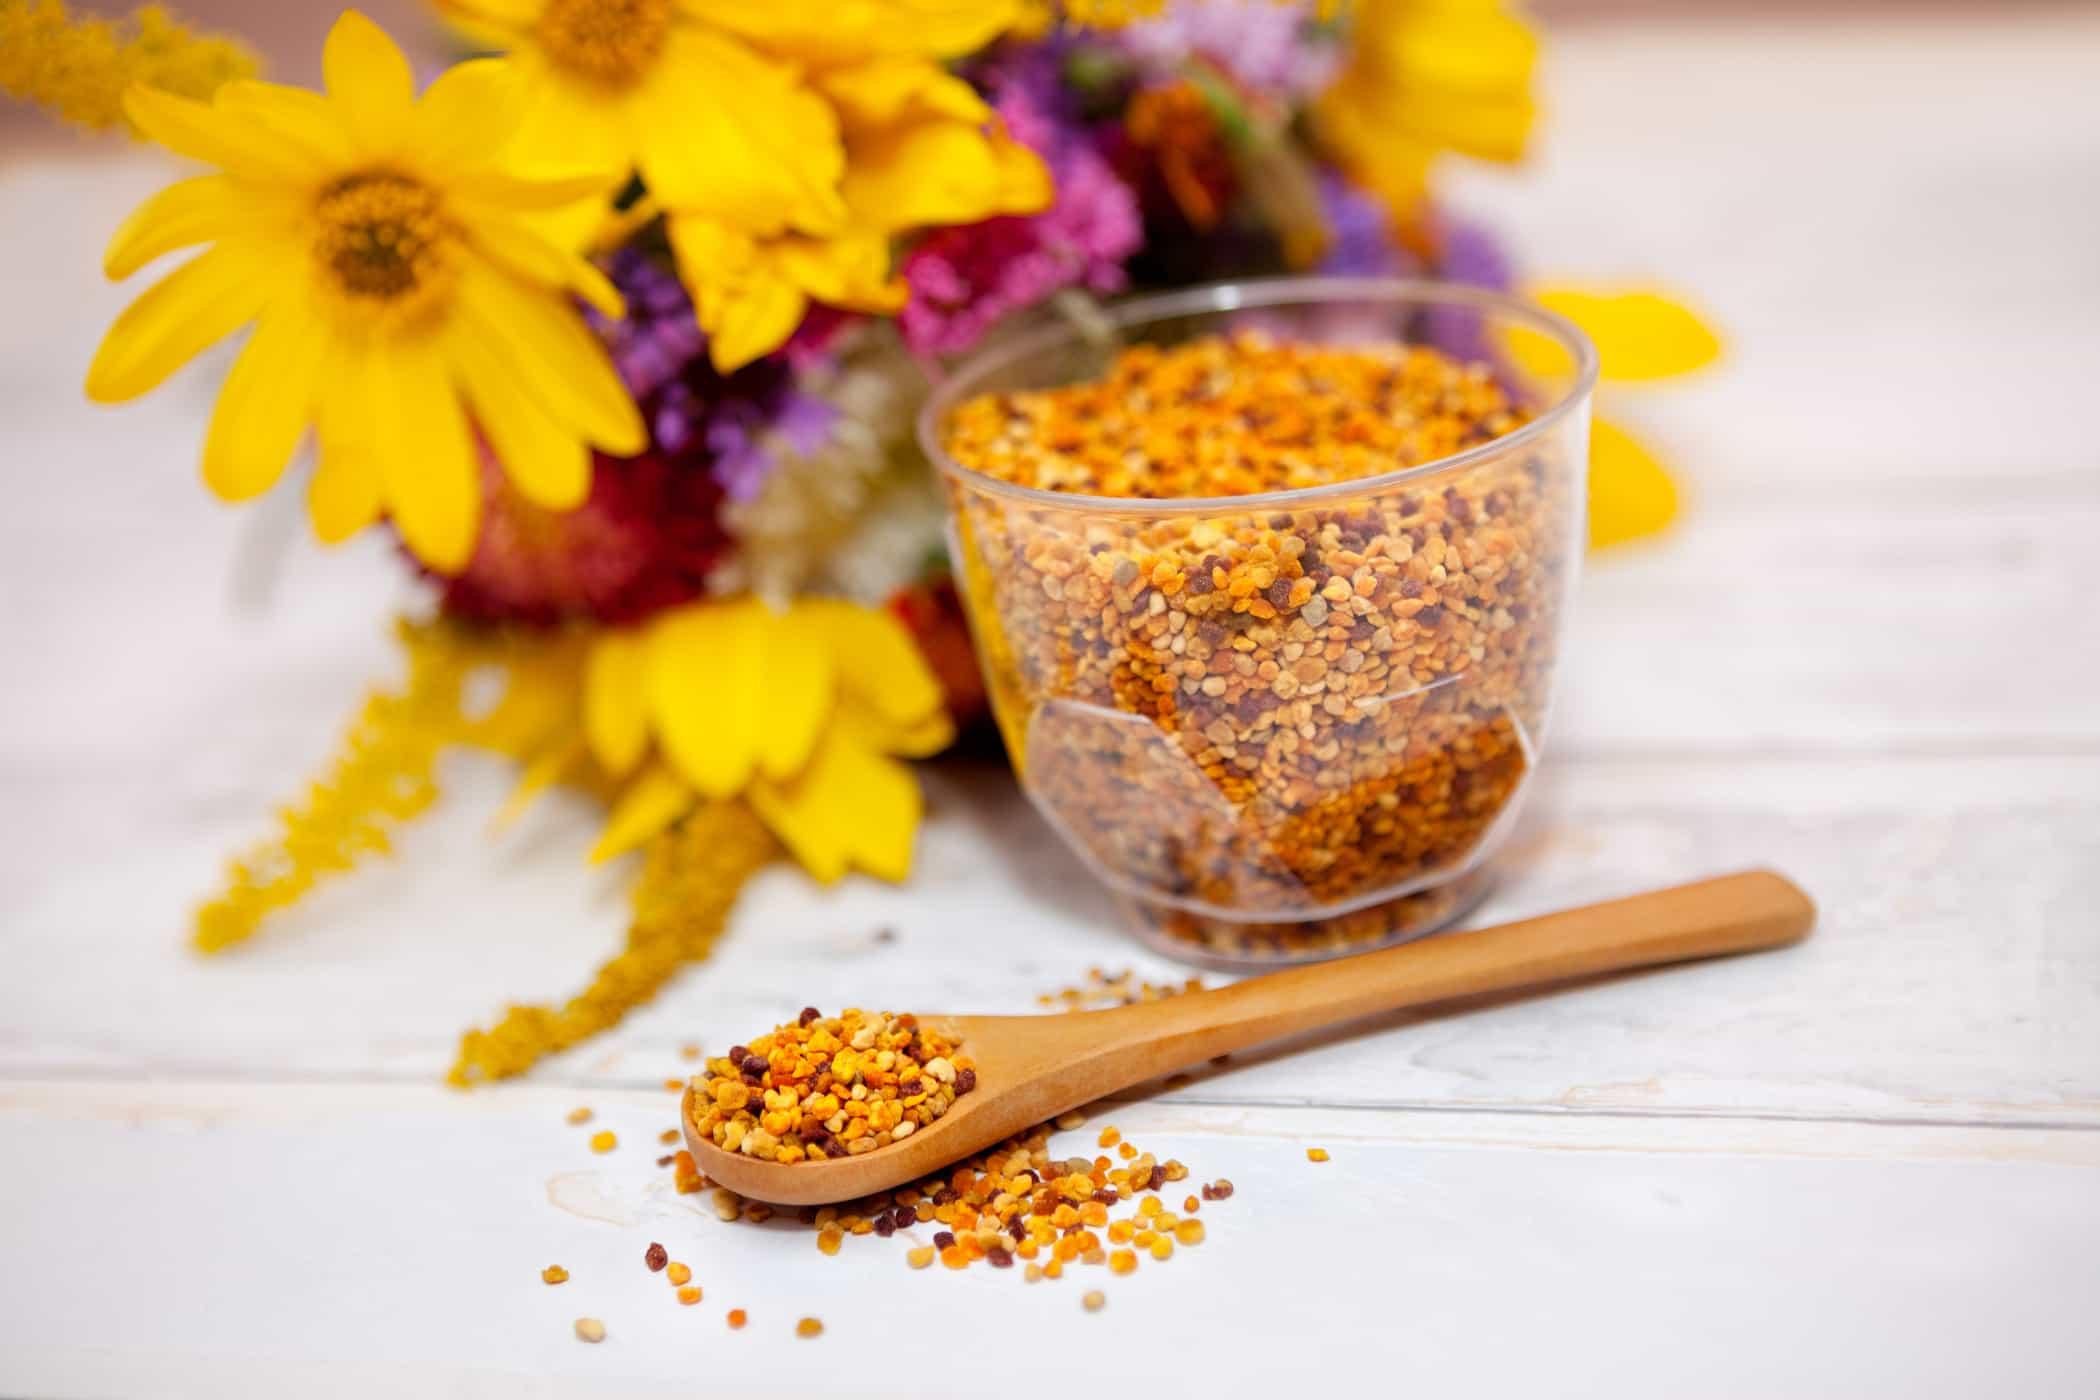 Sử dụng phấn hoa như mỗi sáng để bổ sung các dưỡng chất cho cơ thể